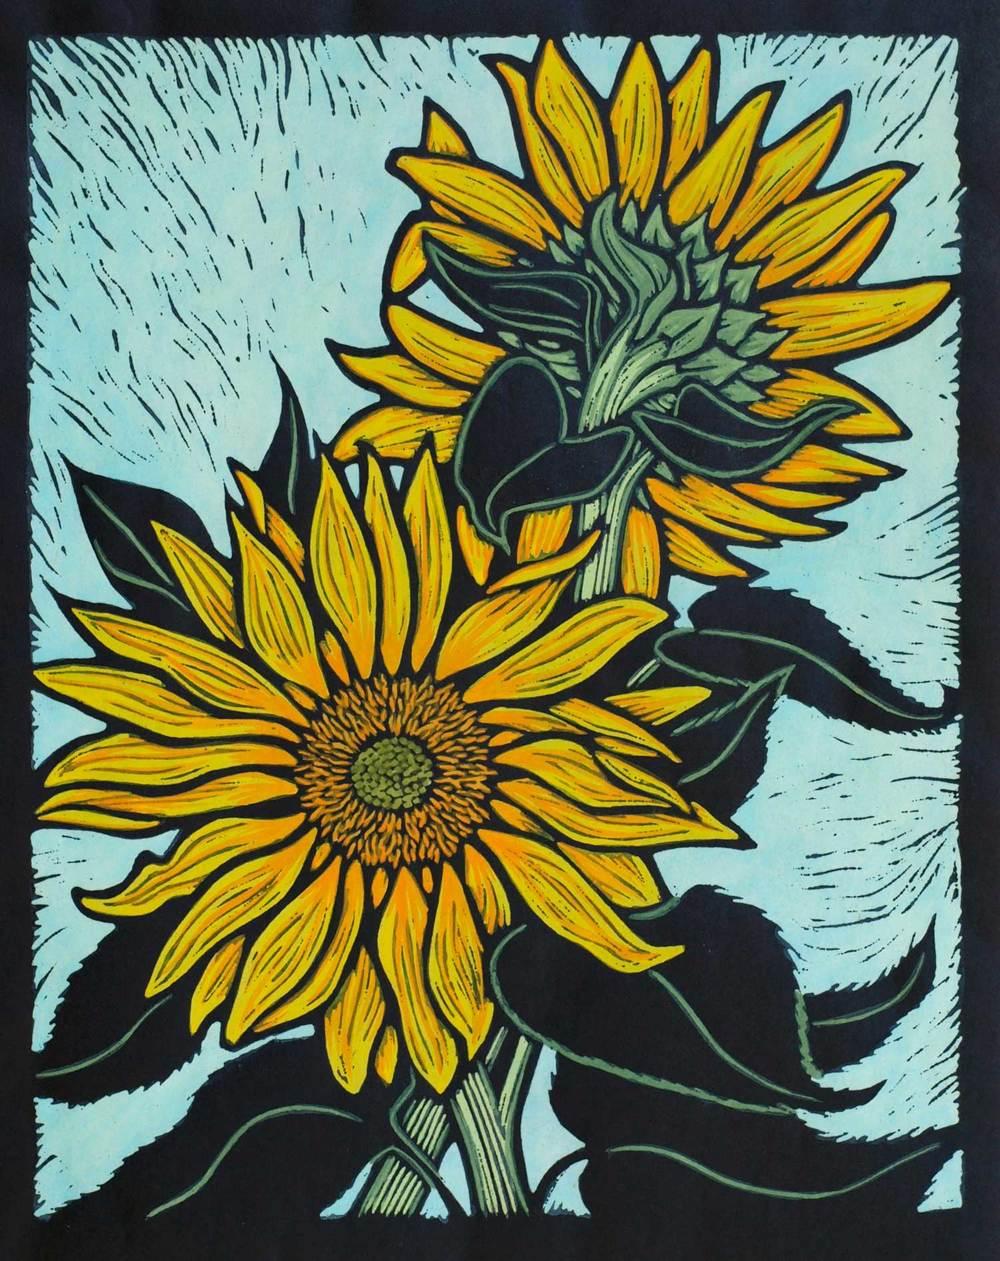 sunflower-linocut-rachel-newling.jpg